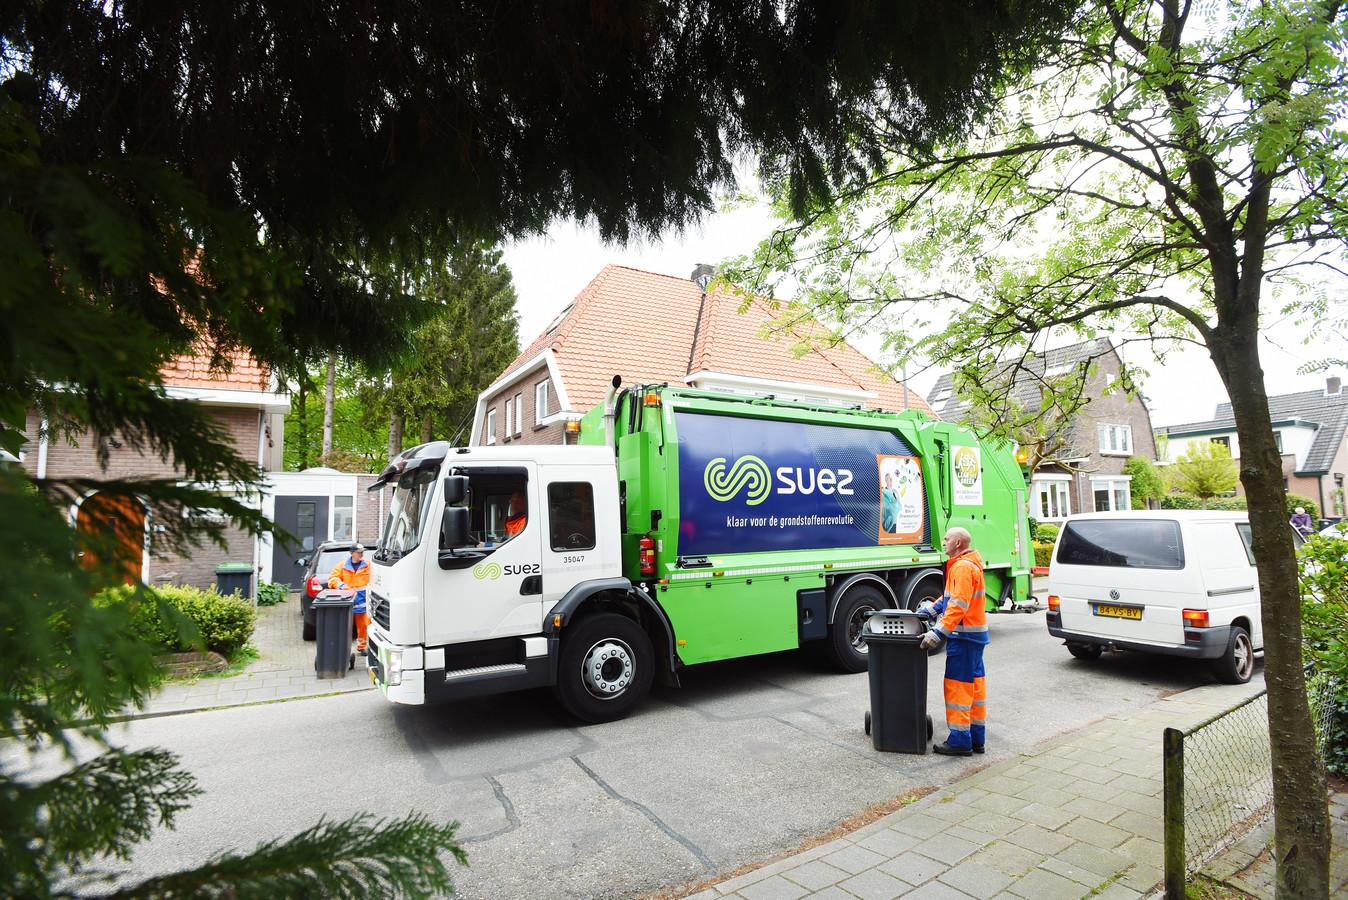 Suez haalt huishoudelijk afval op in een aantal gemeenten in Zuidoost-Brabant.